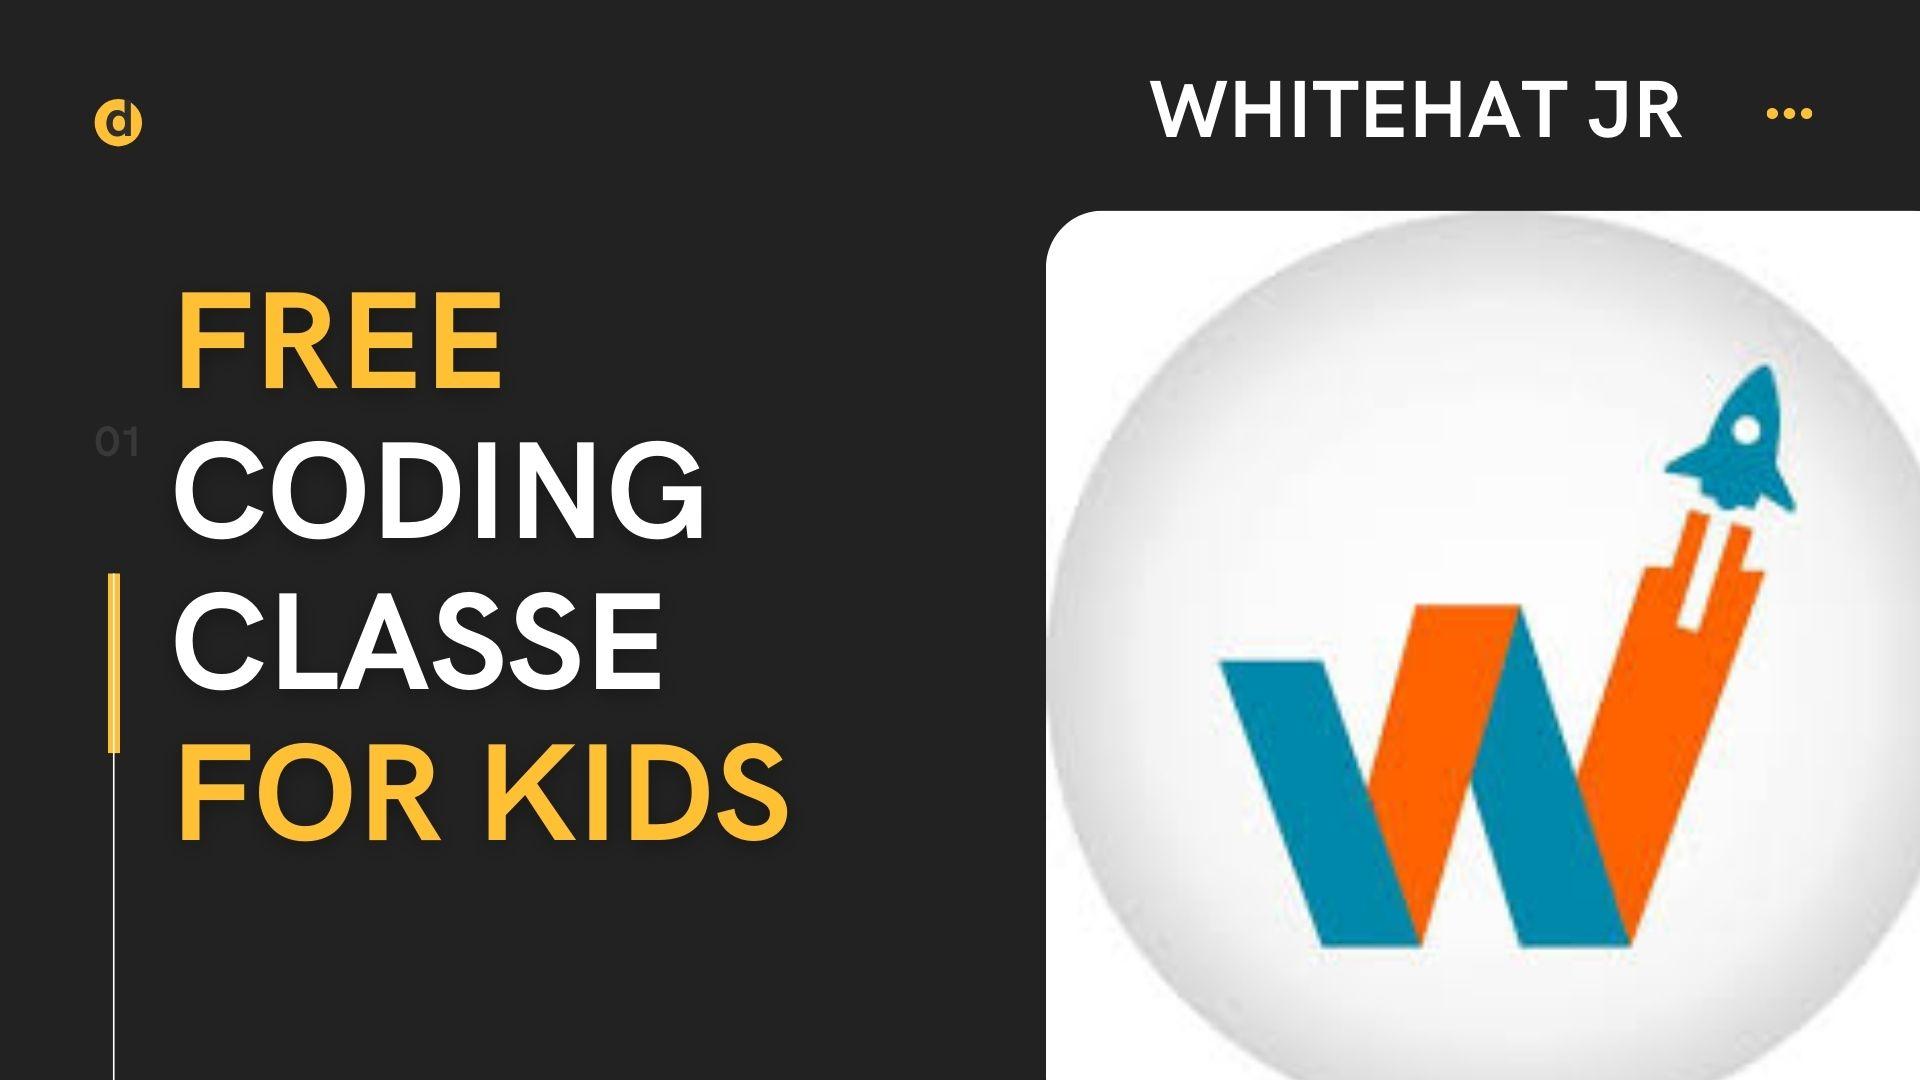 Whitehat Jr  Free coding classes for Kids